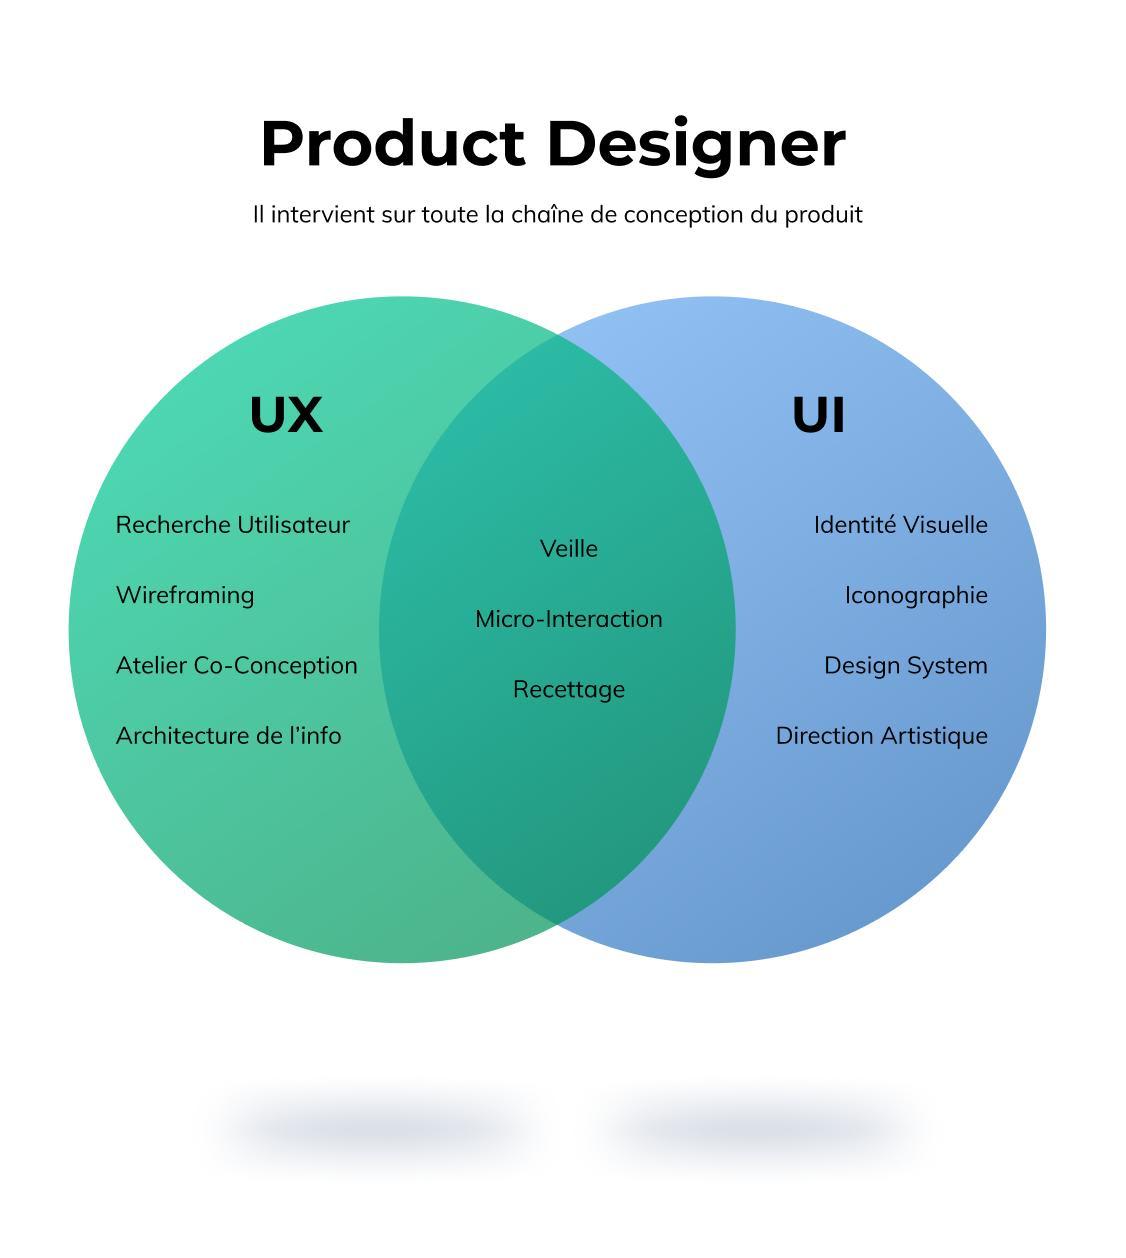 Les chantiers sur lesquels intervient un product designer